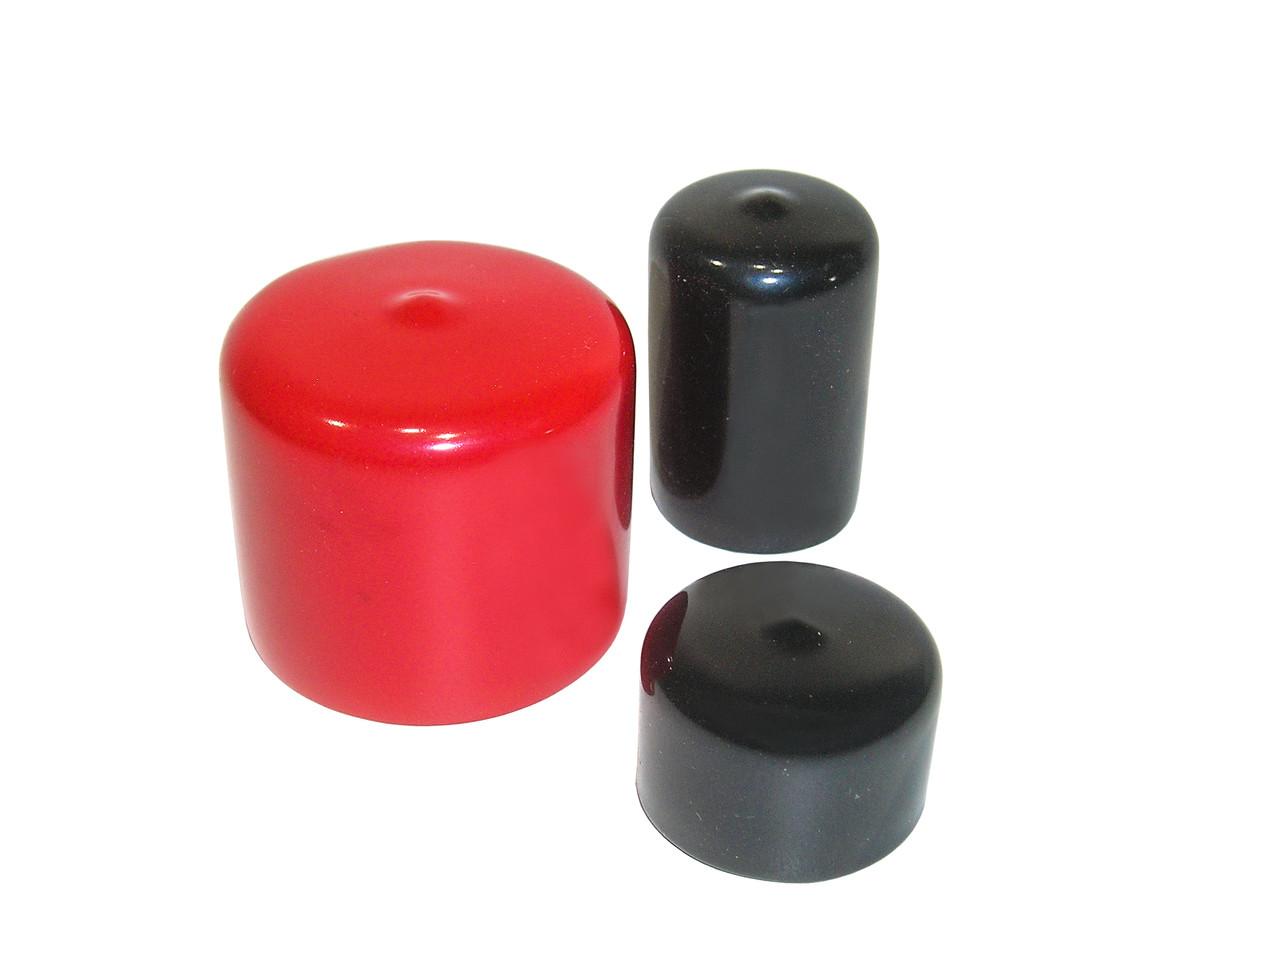 """7/8"""" x 1"""" Round Tuff Pak Cap - 200 in Red or Black"""